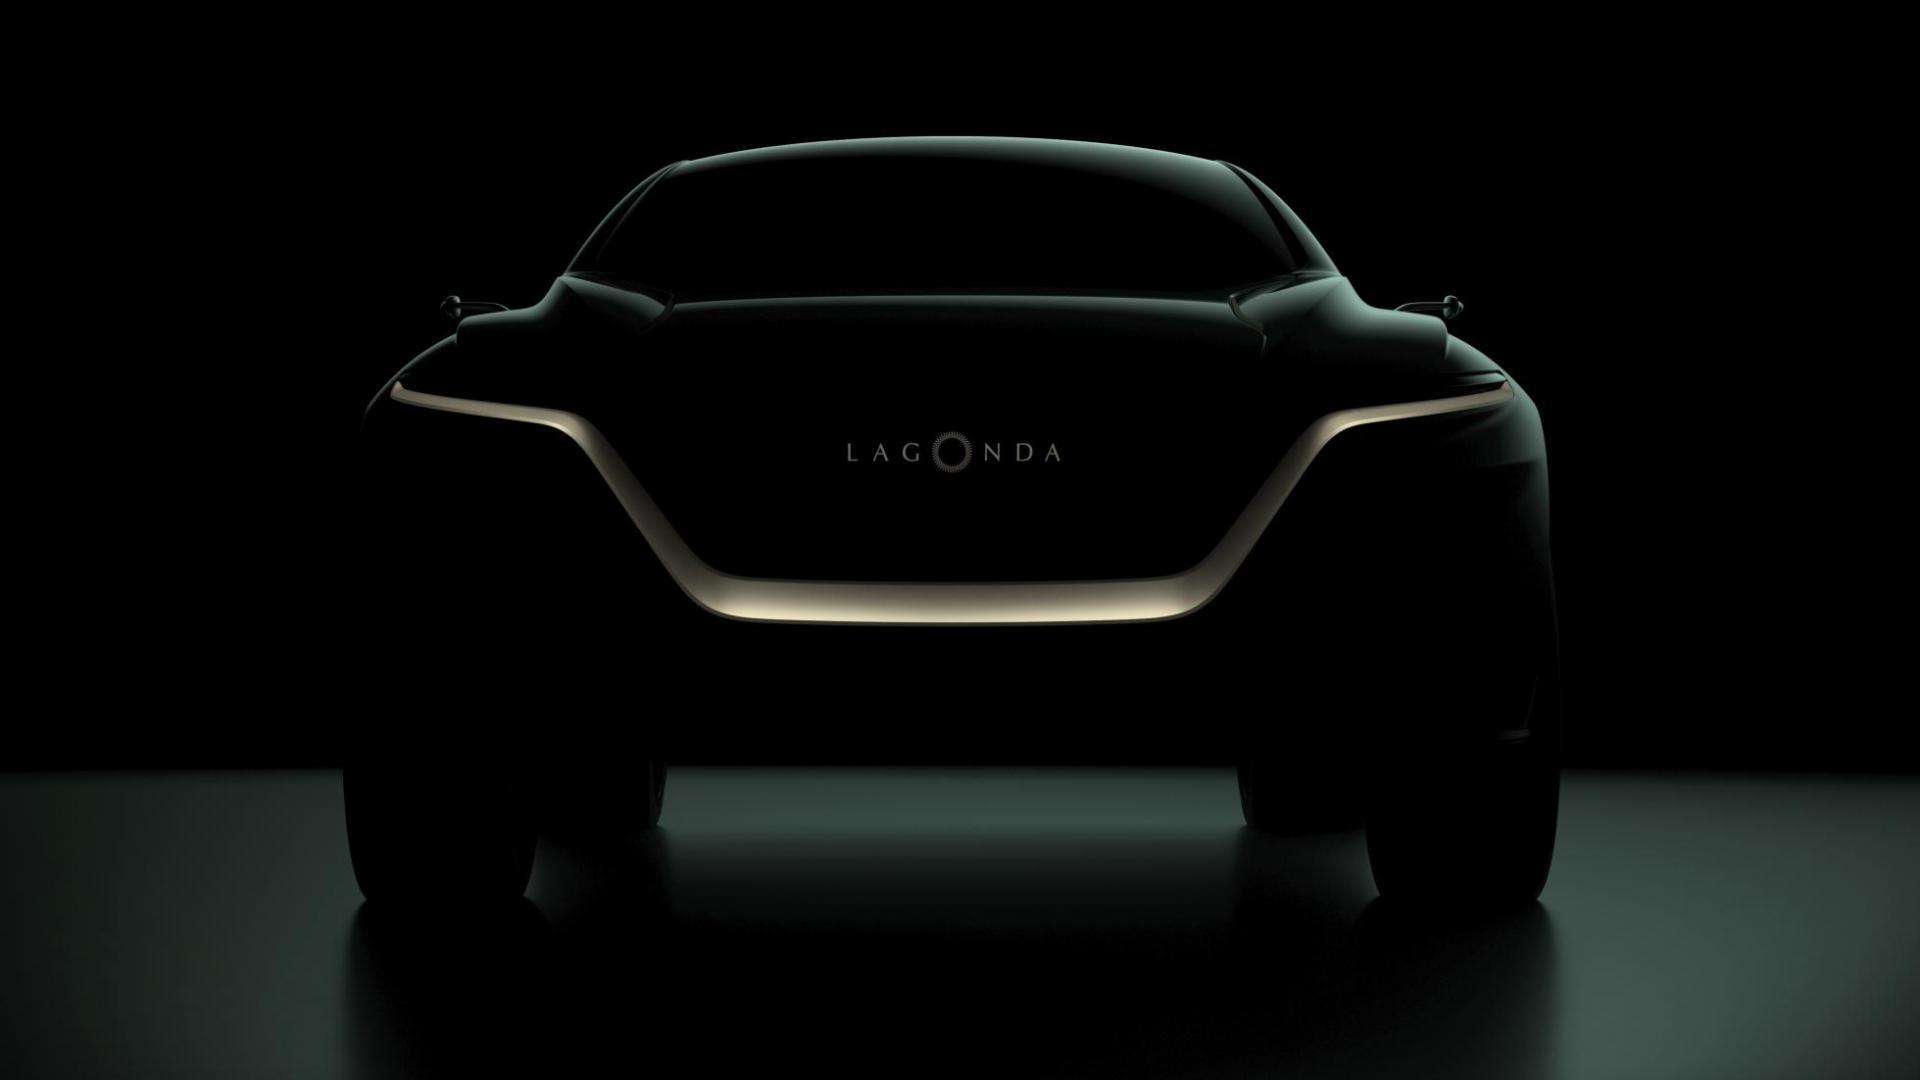 Lagonda All-Terrain Concept elektrische SUV